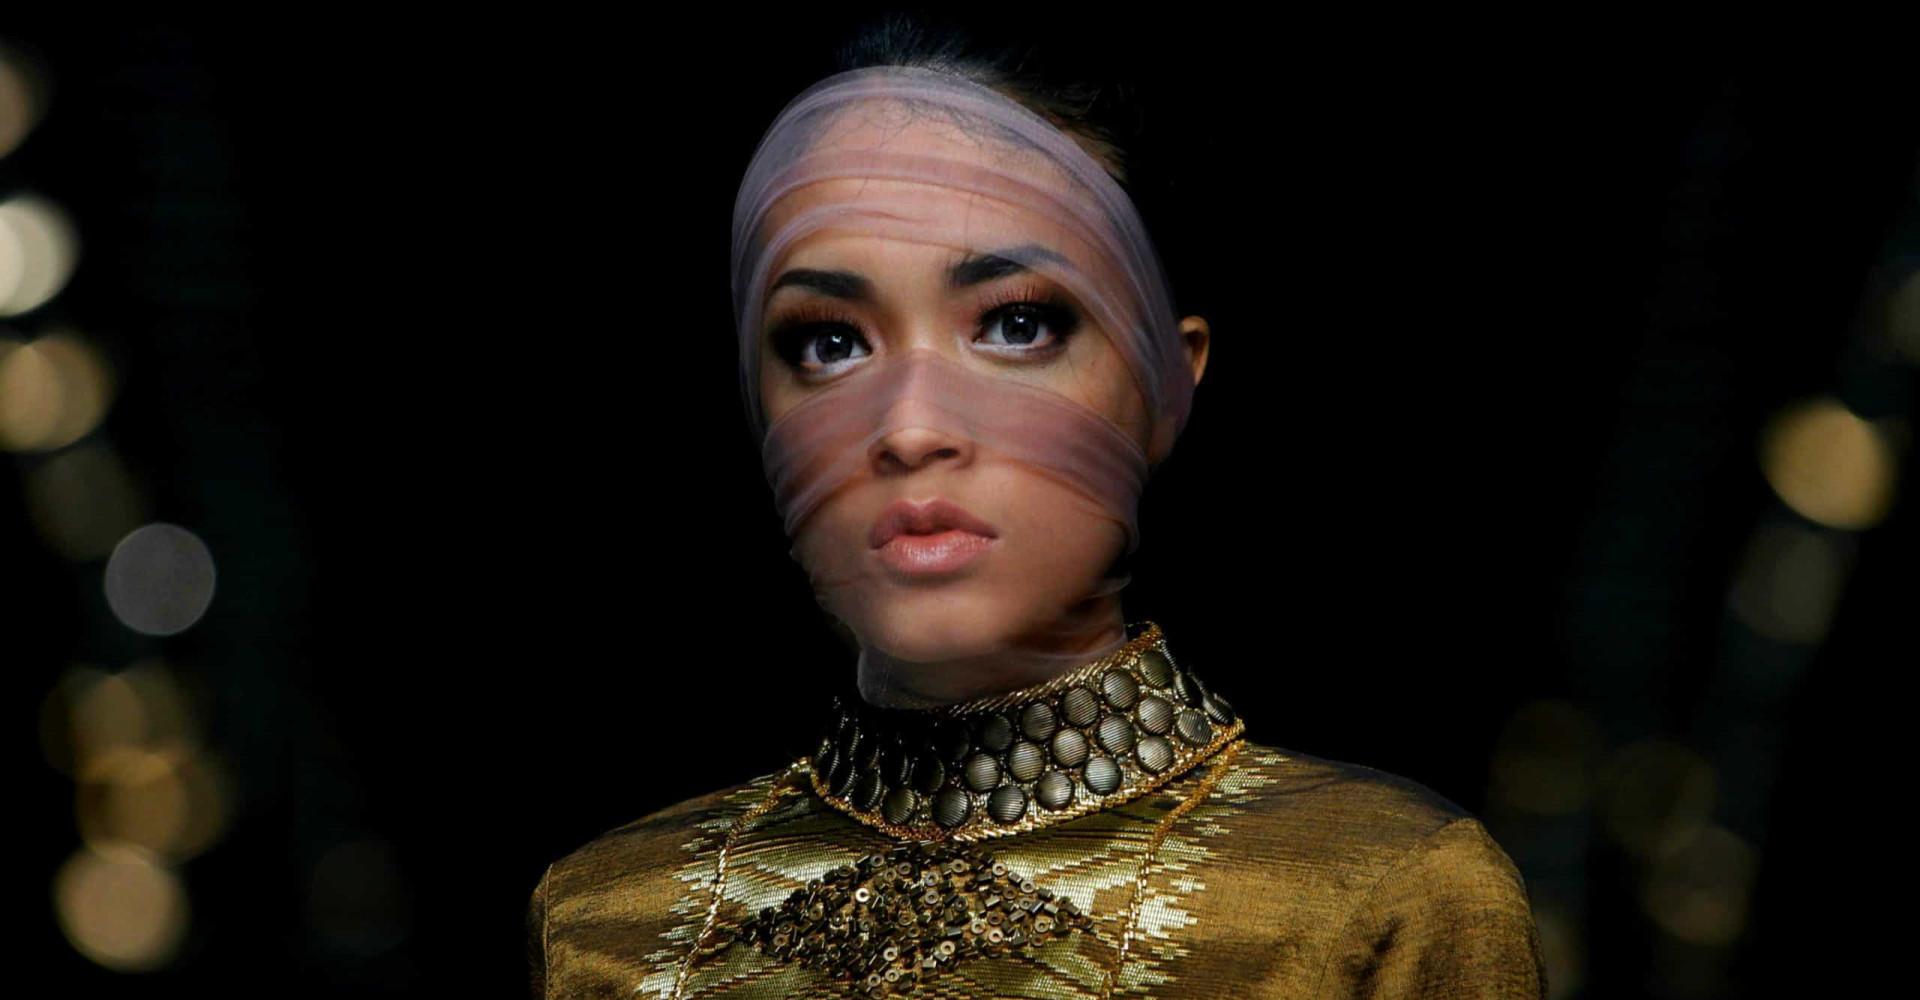 El velo y la mujer: religión y moda milenaria